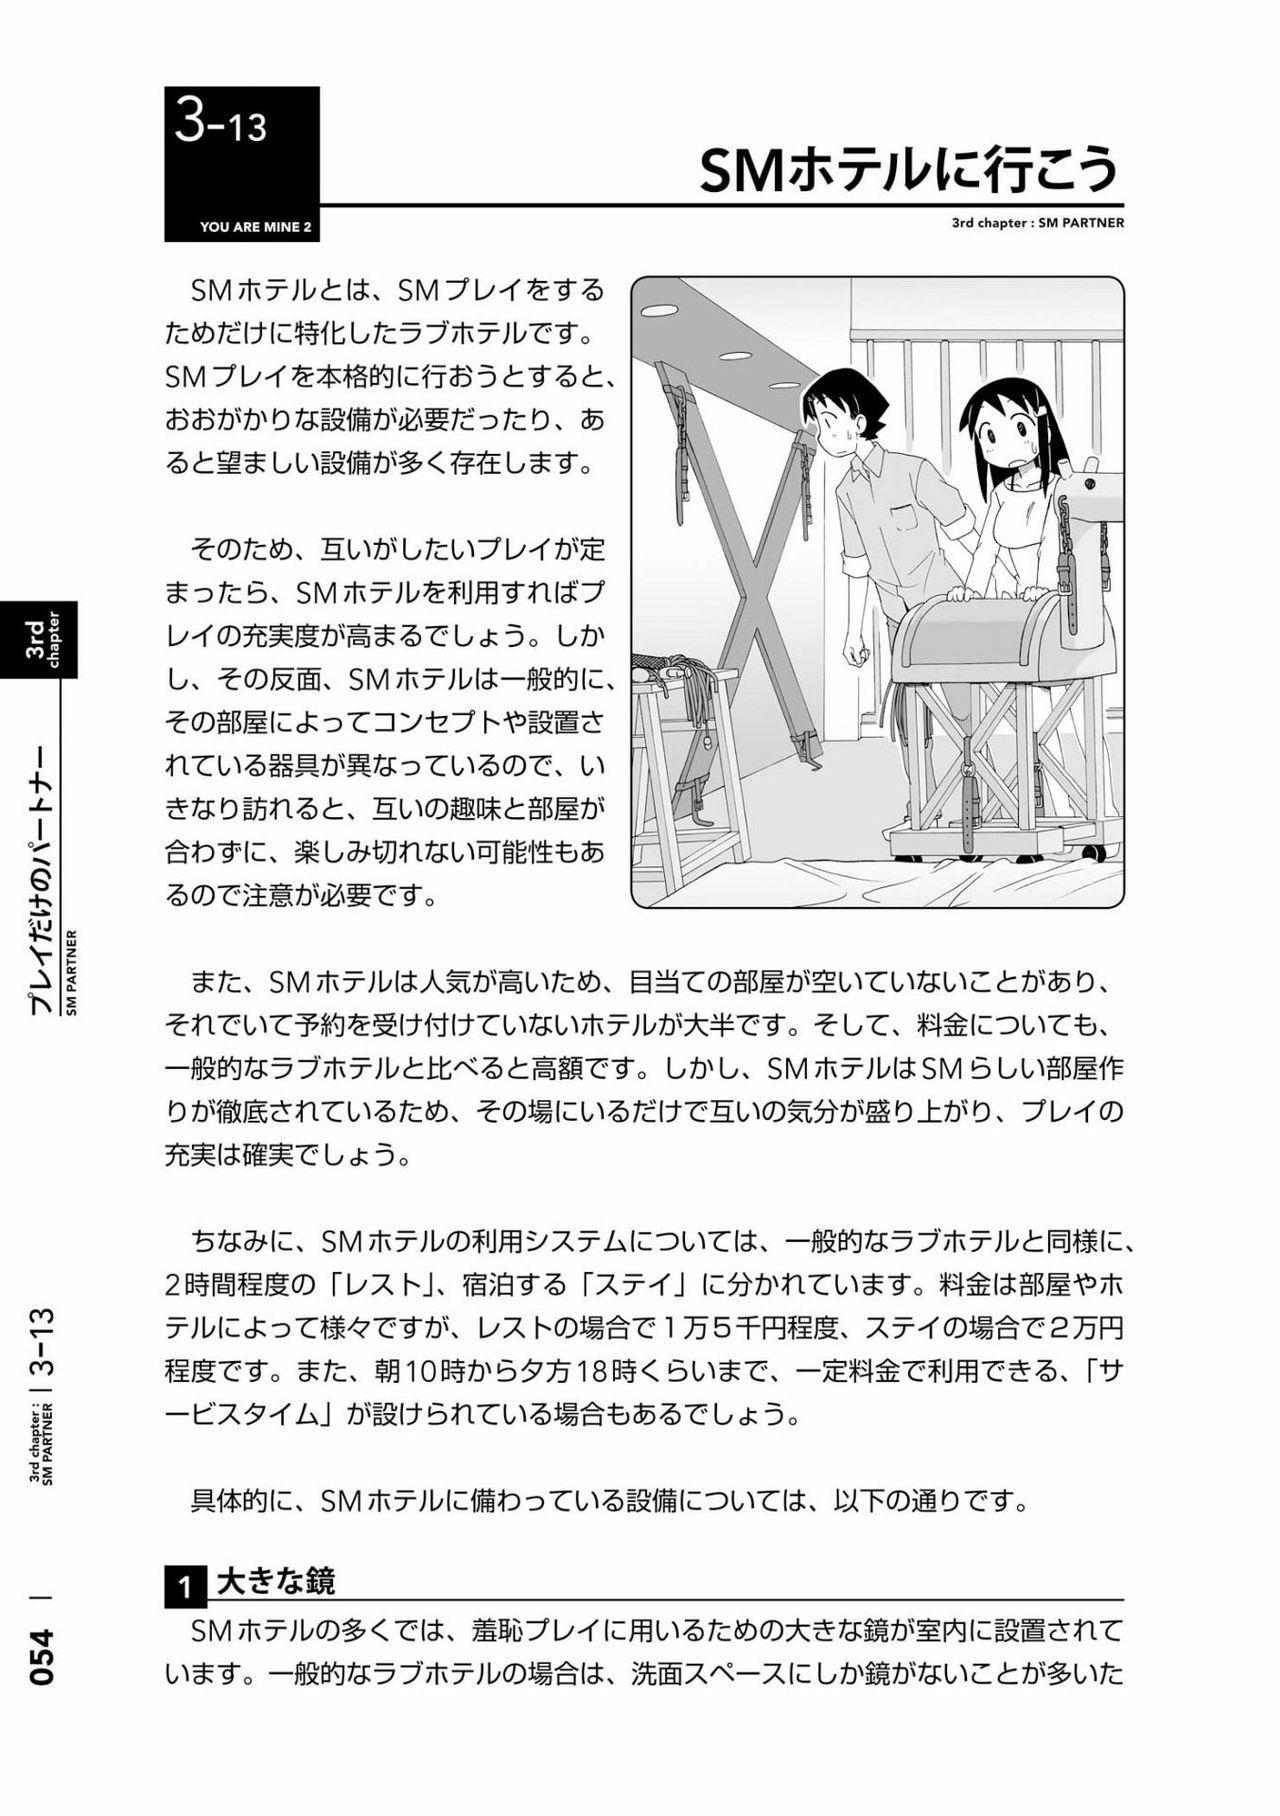 [Mitsuba] Karada mo Kokoro mo Boku no Mono ~Hajimete no SM Guide~ 2 [Digital] 56